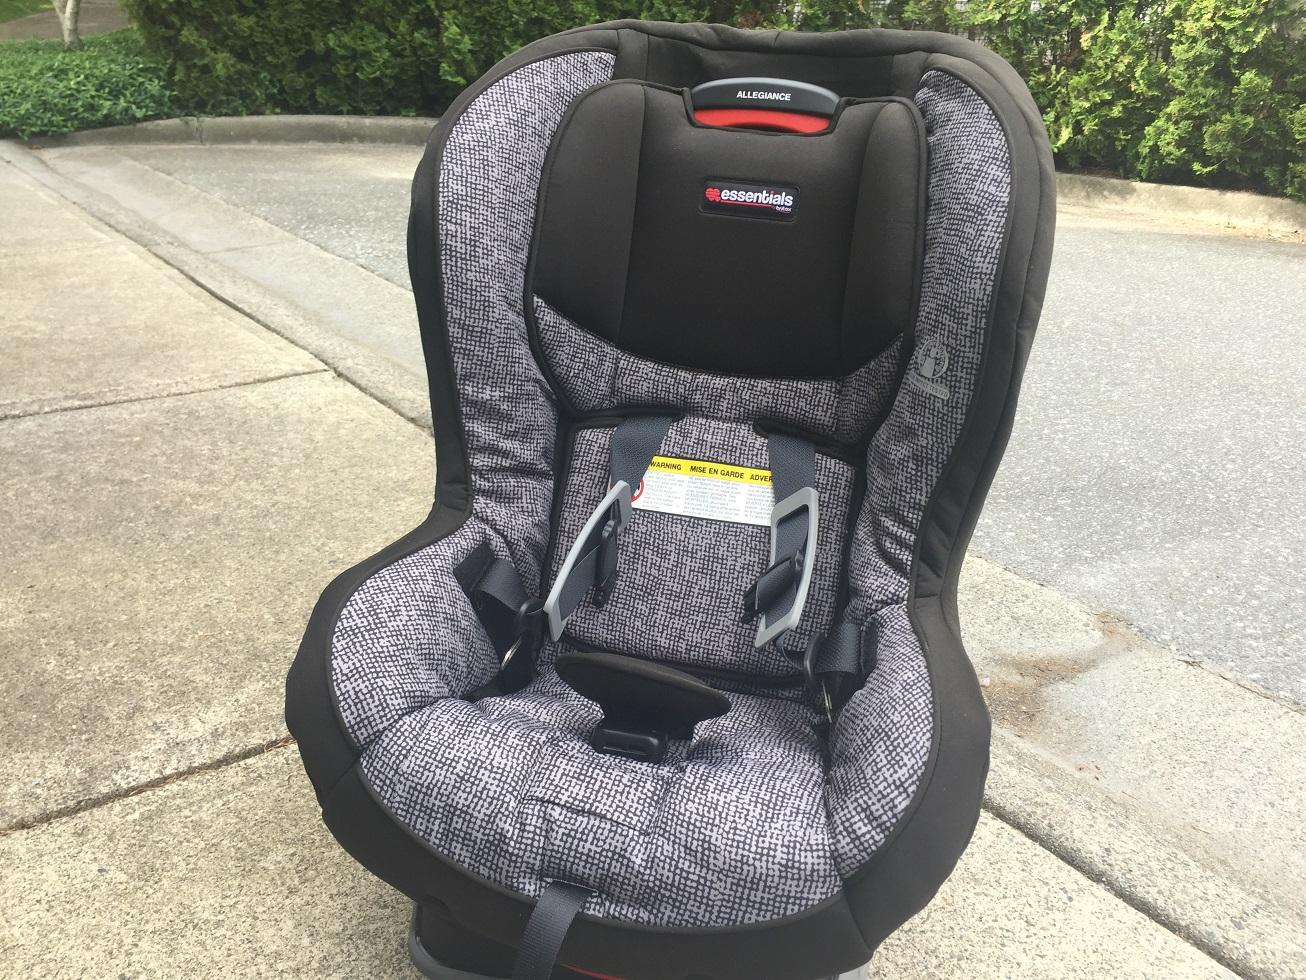 Britax Essentials Allegiance Car Seat Review Best Buy Blog